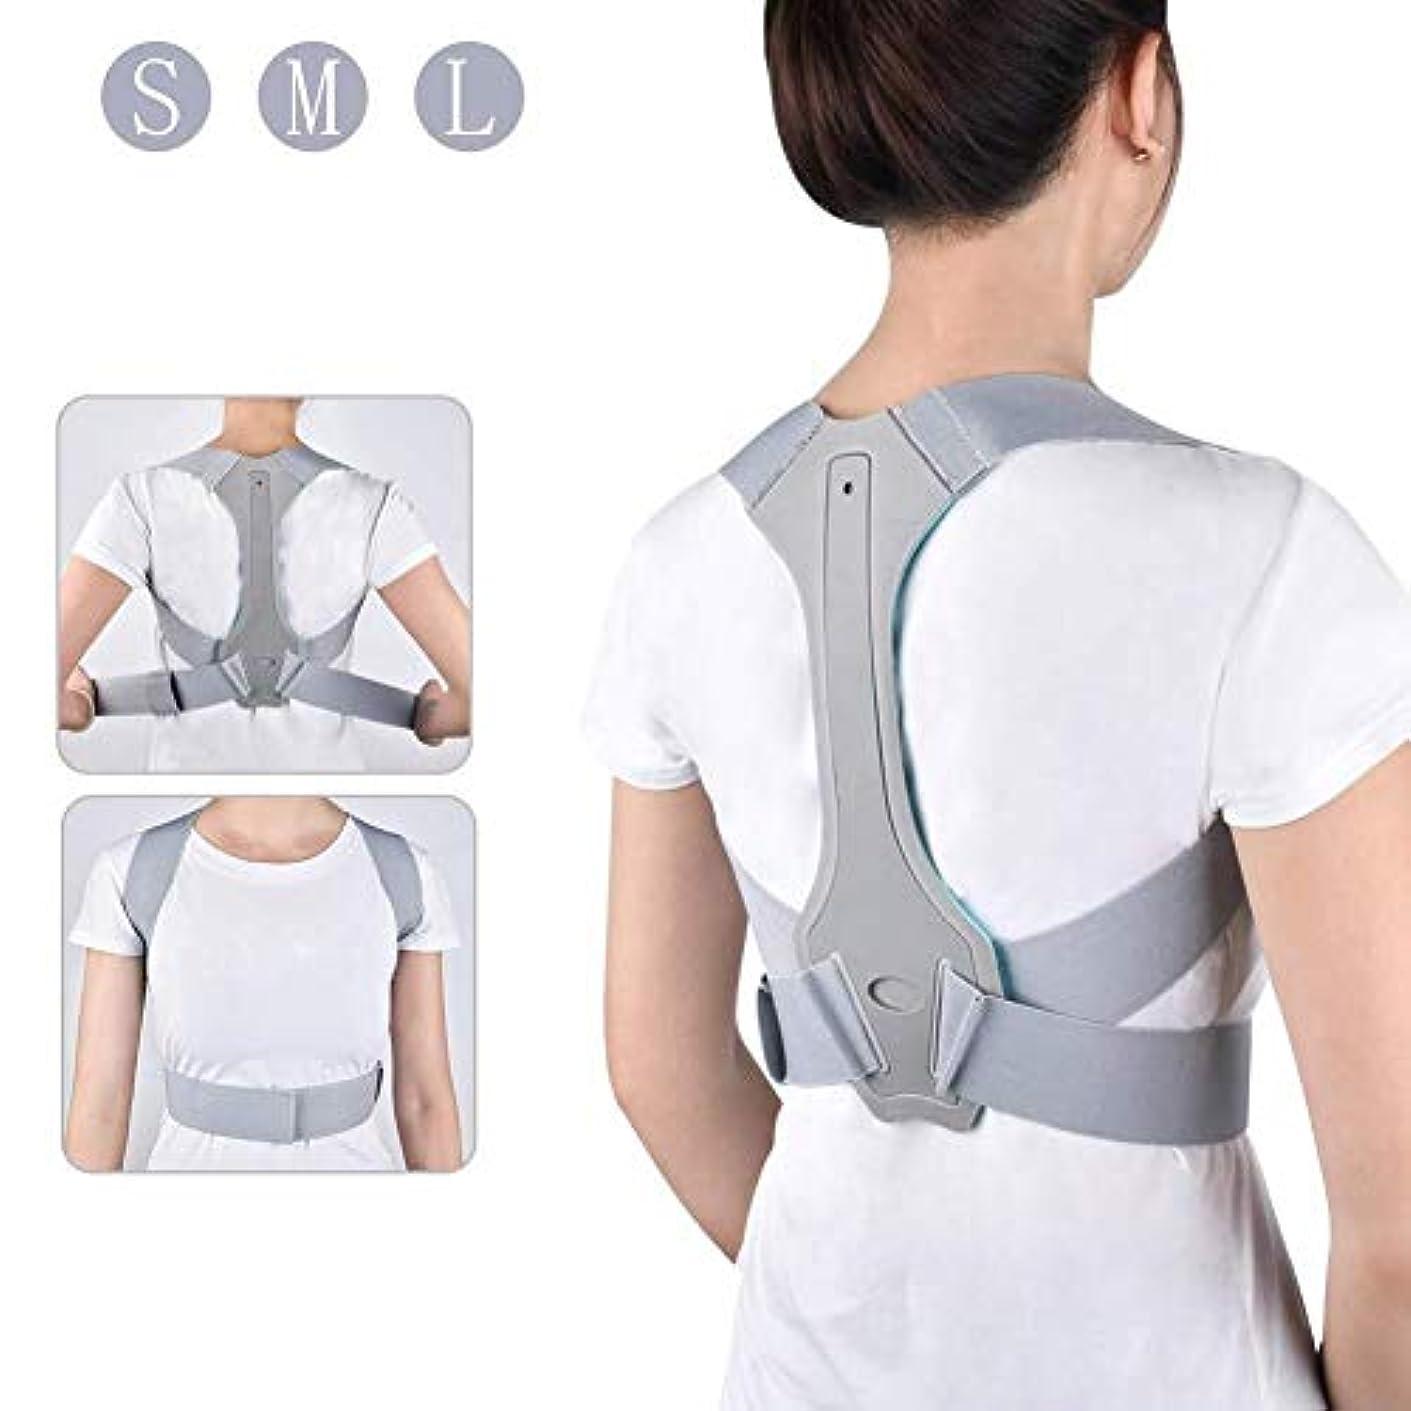 モルヒネ幹通知男性と女性のための姿勢補正器、胸部後phおよび肩首の痛みの軽減のための調節可能な上背部肩姿勢トレーナー脊椎矯正 (Size : Large)